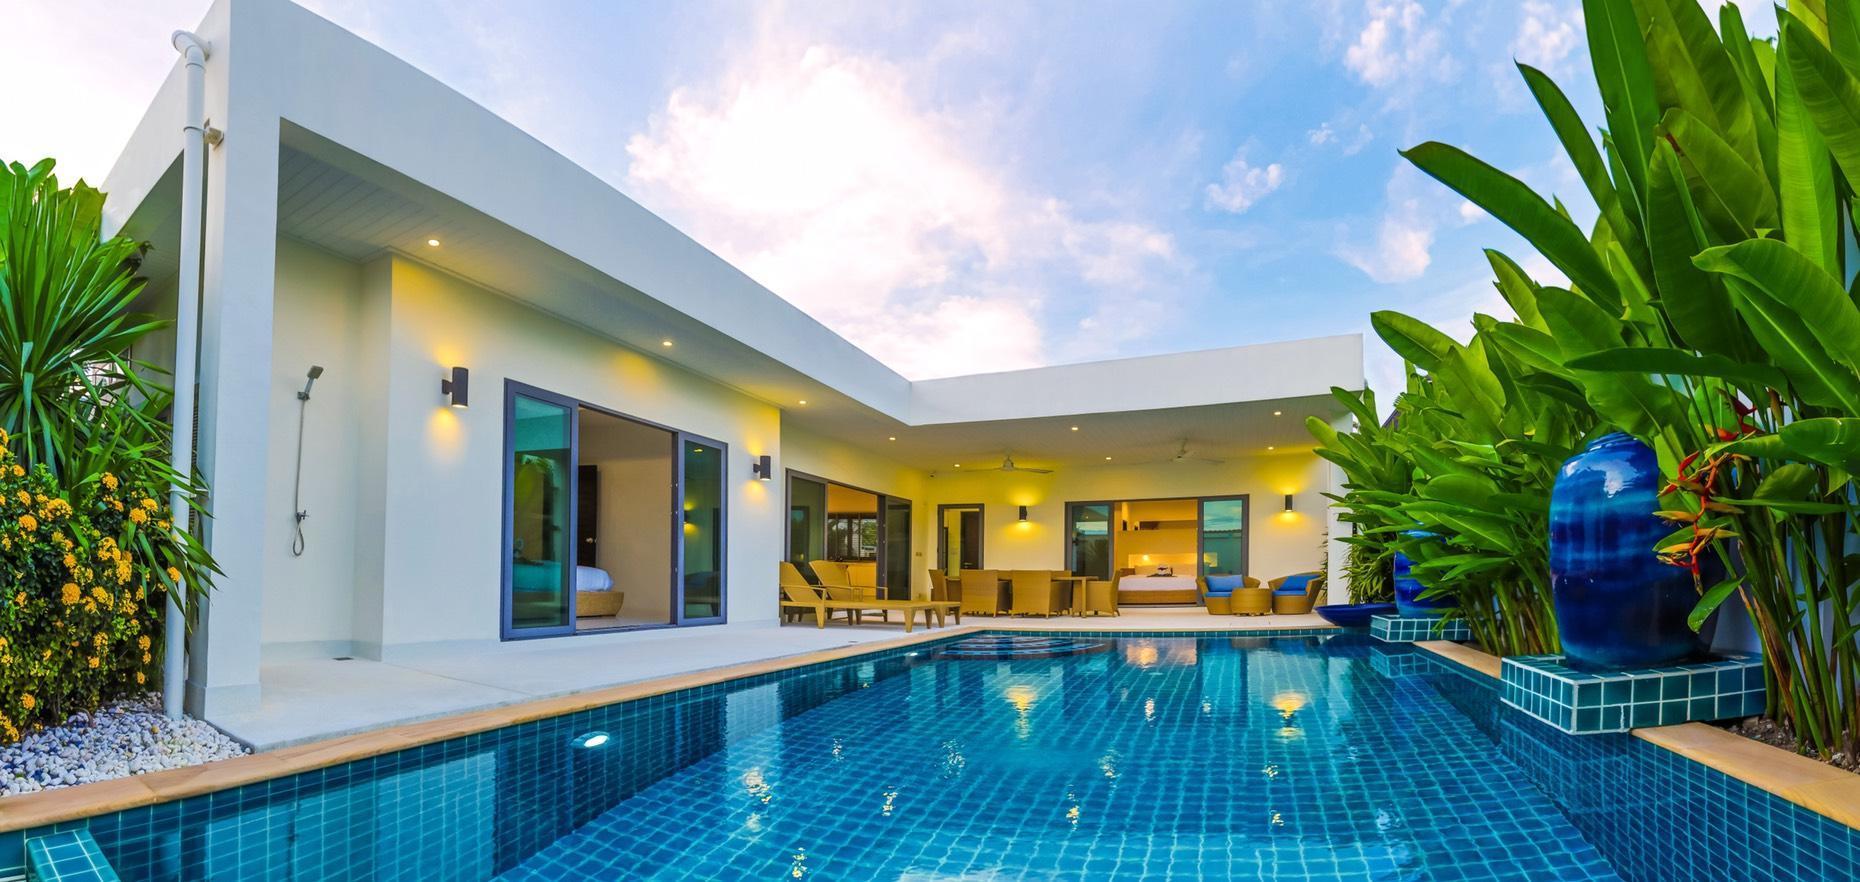 Rawai Villa by Fullrooms Phuket Rawai Villa by Fullrooms Phuket